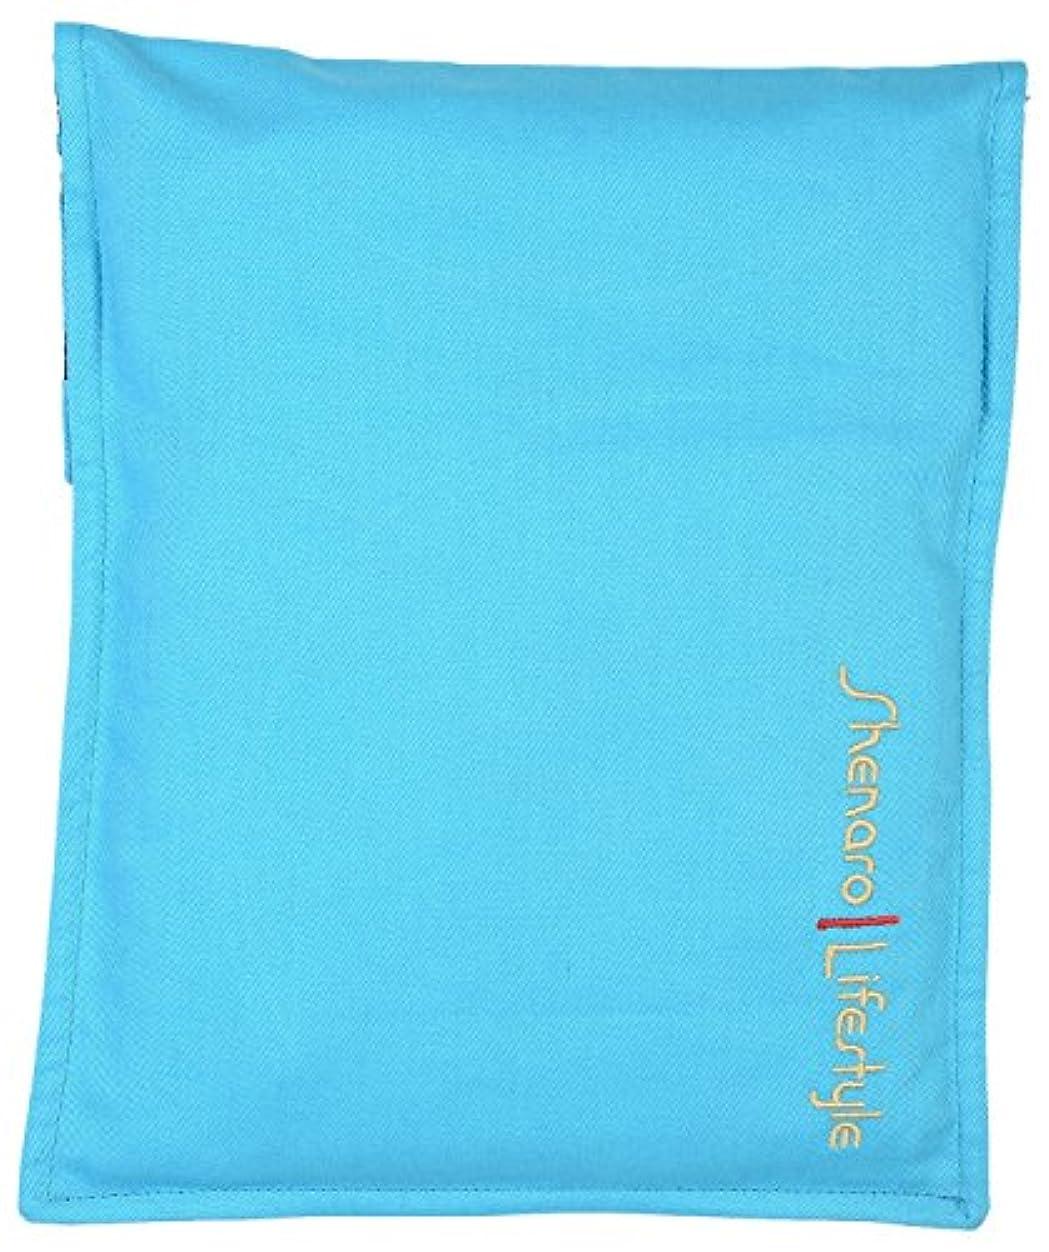 飼料モニター矛盾Shenaro Lifestyle's: Cotton Organic and Eco-Friendly Pain Relief Wheat Bag with Treated Whole Grains and Aroma...